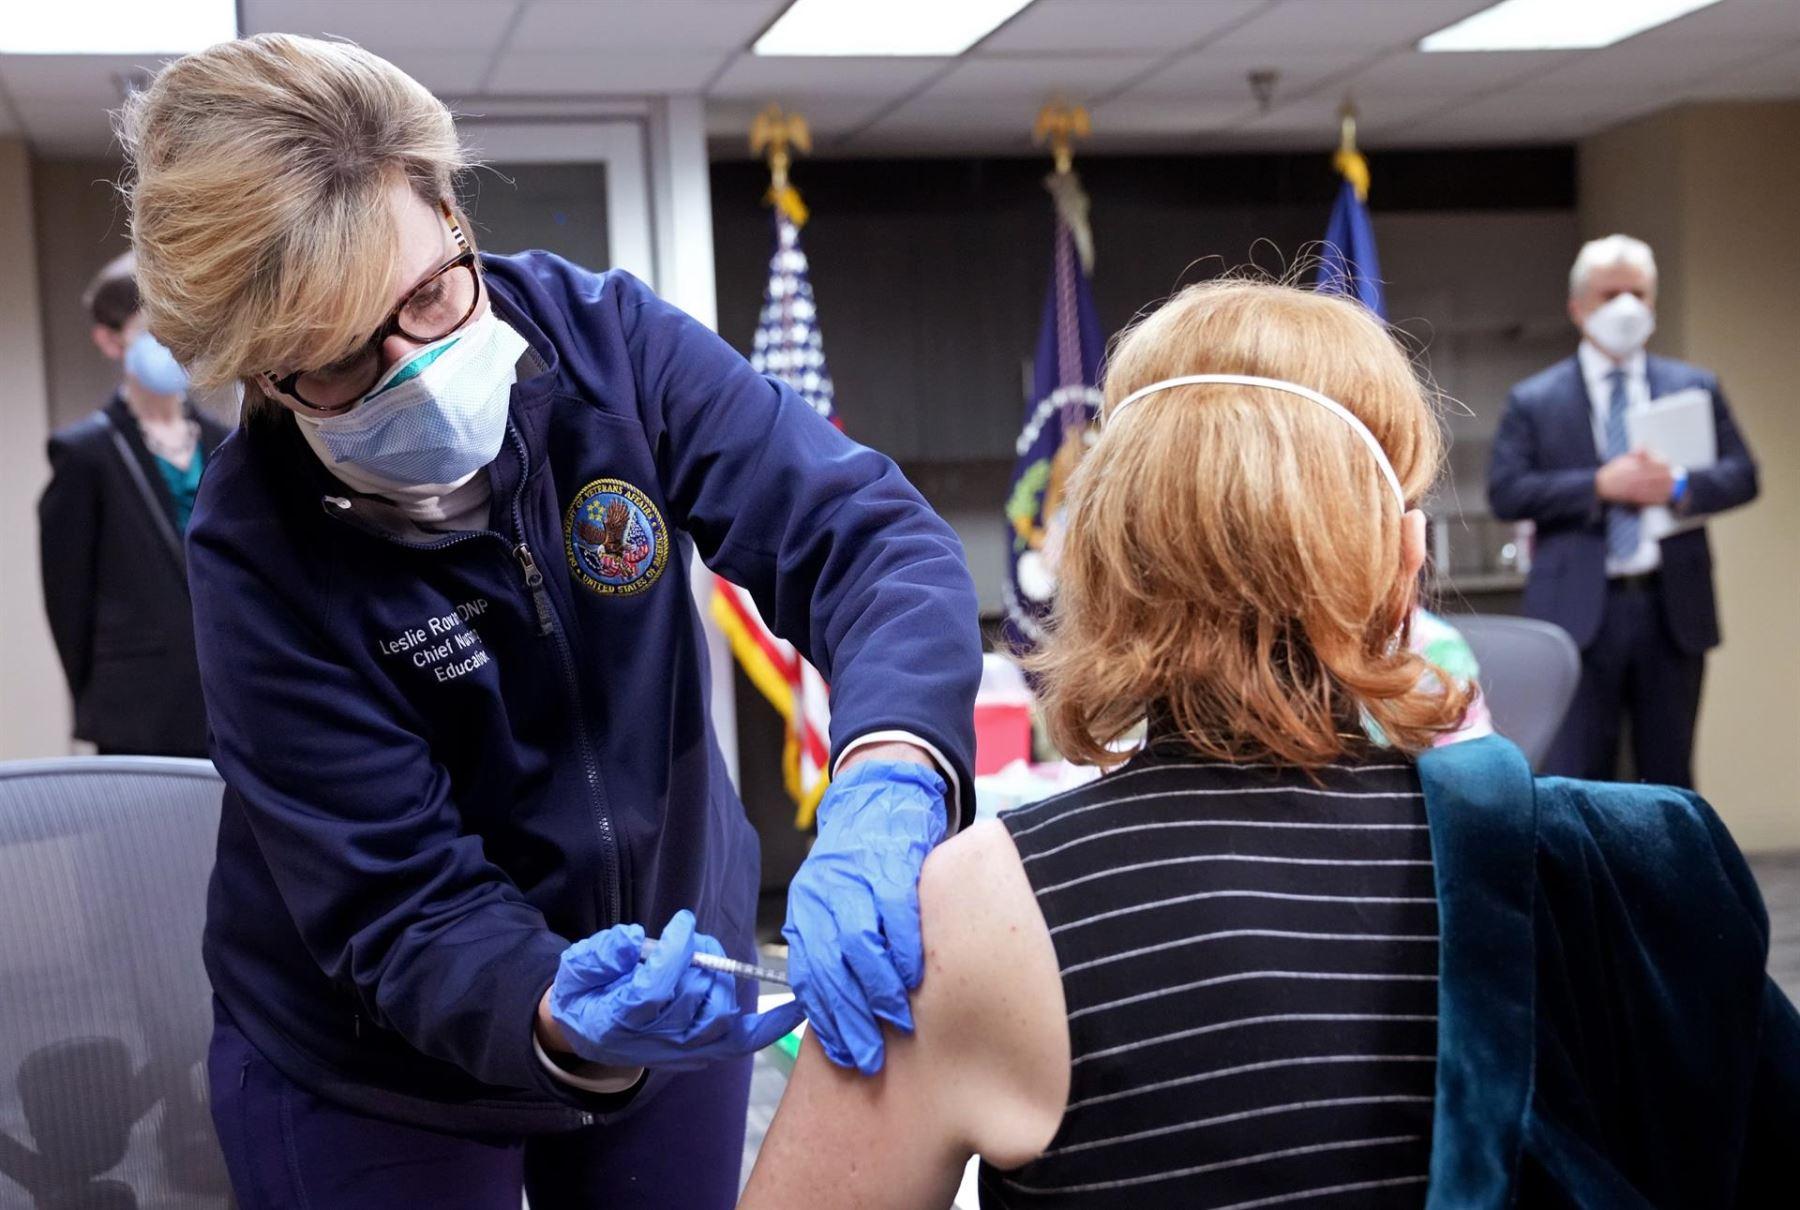 Pese a los esfuerzos, Estados Unidos no tendría a su población vacuna al 70% debido a la renuencia de muchos norteamericanos de inocularse.